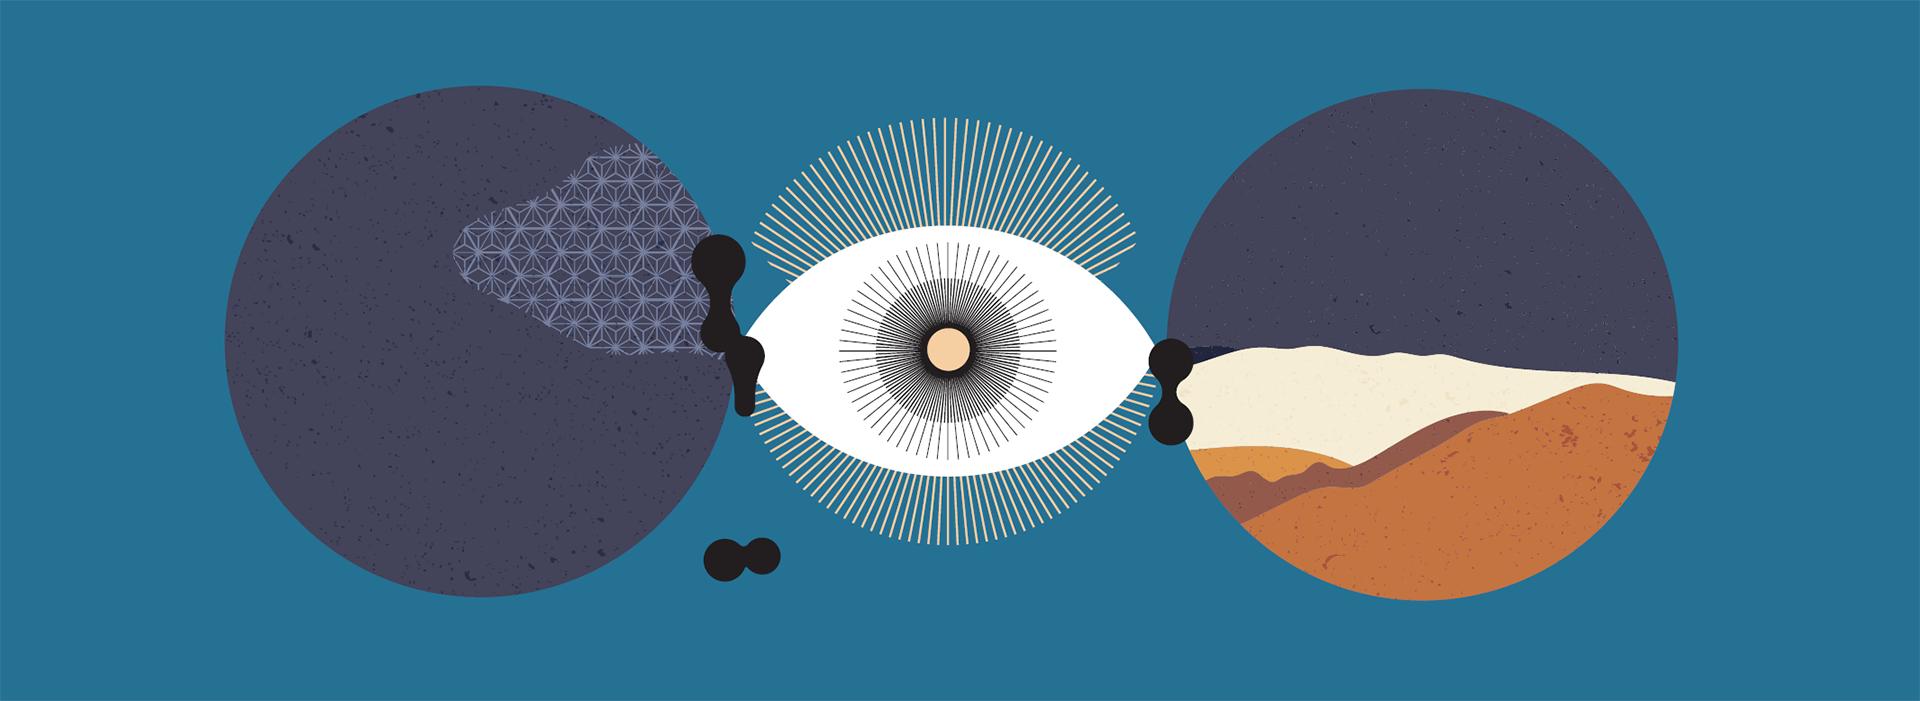 """Grafika do wystawy """"Eureka, czyli odkrywam"""". Na niebieskim tle trzy okręgi: środkowy to oko, które nawiązuje do czynności obserwacji; dwa pozostałe okręgi są bardziej abstrakcyjne."""